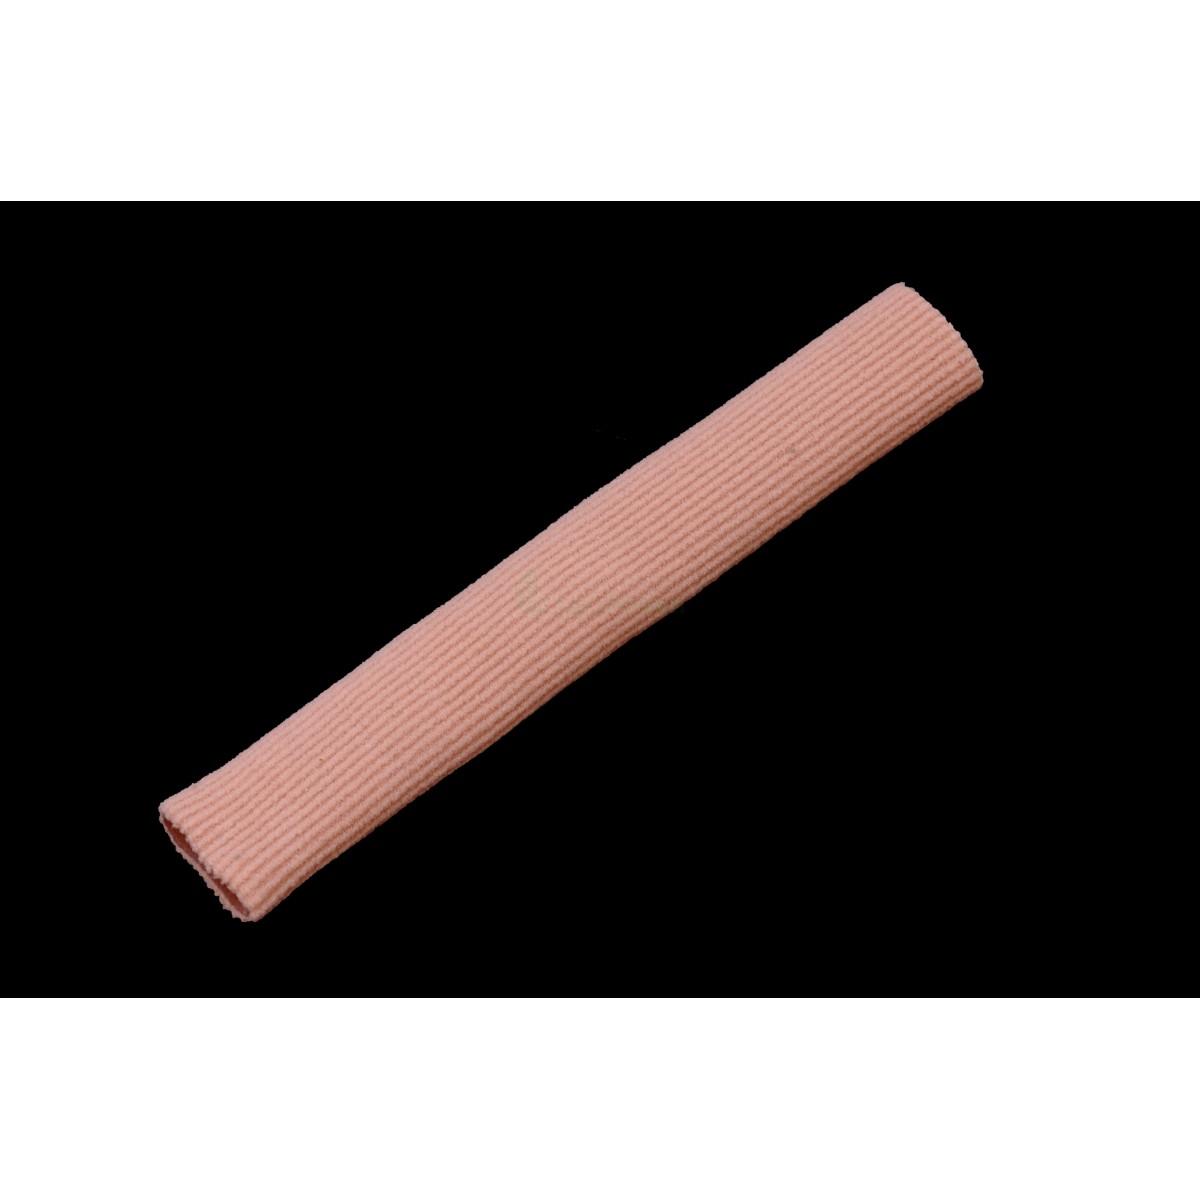 Защитная силиконовая трубка для пальцев (цена за 1 шт)